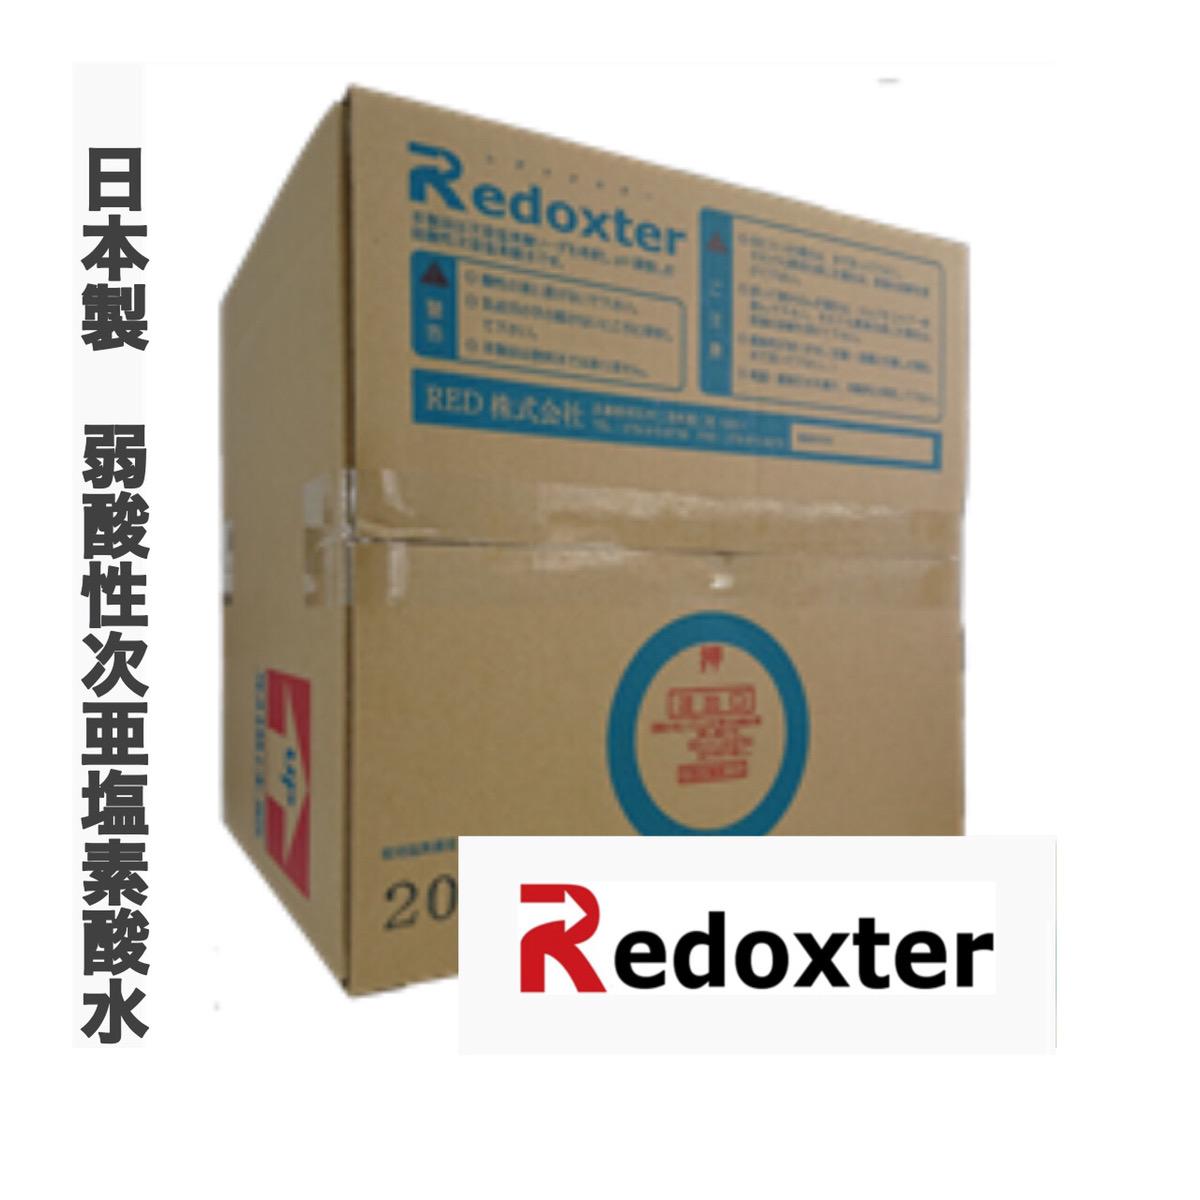 除菌、消臭 次亜塩素酸水 弱酸性 レドックスター 50PPM 5L箱   瞬間消臭 消毒 哺乳瓶の除菌 手洗い 【RX0505】送料無料